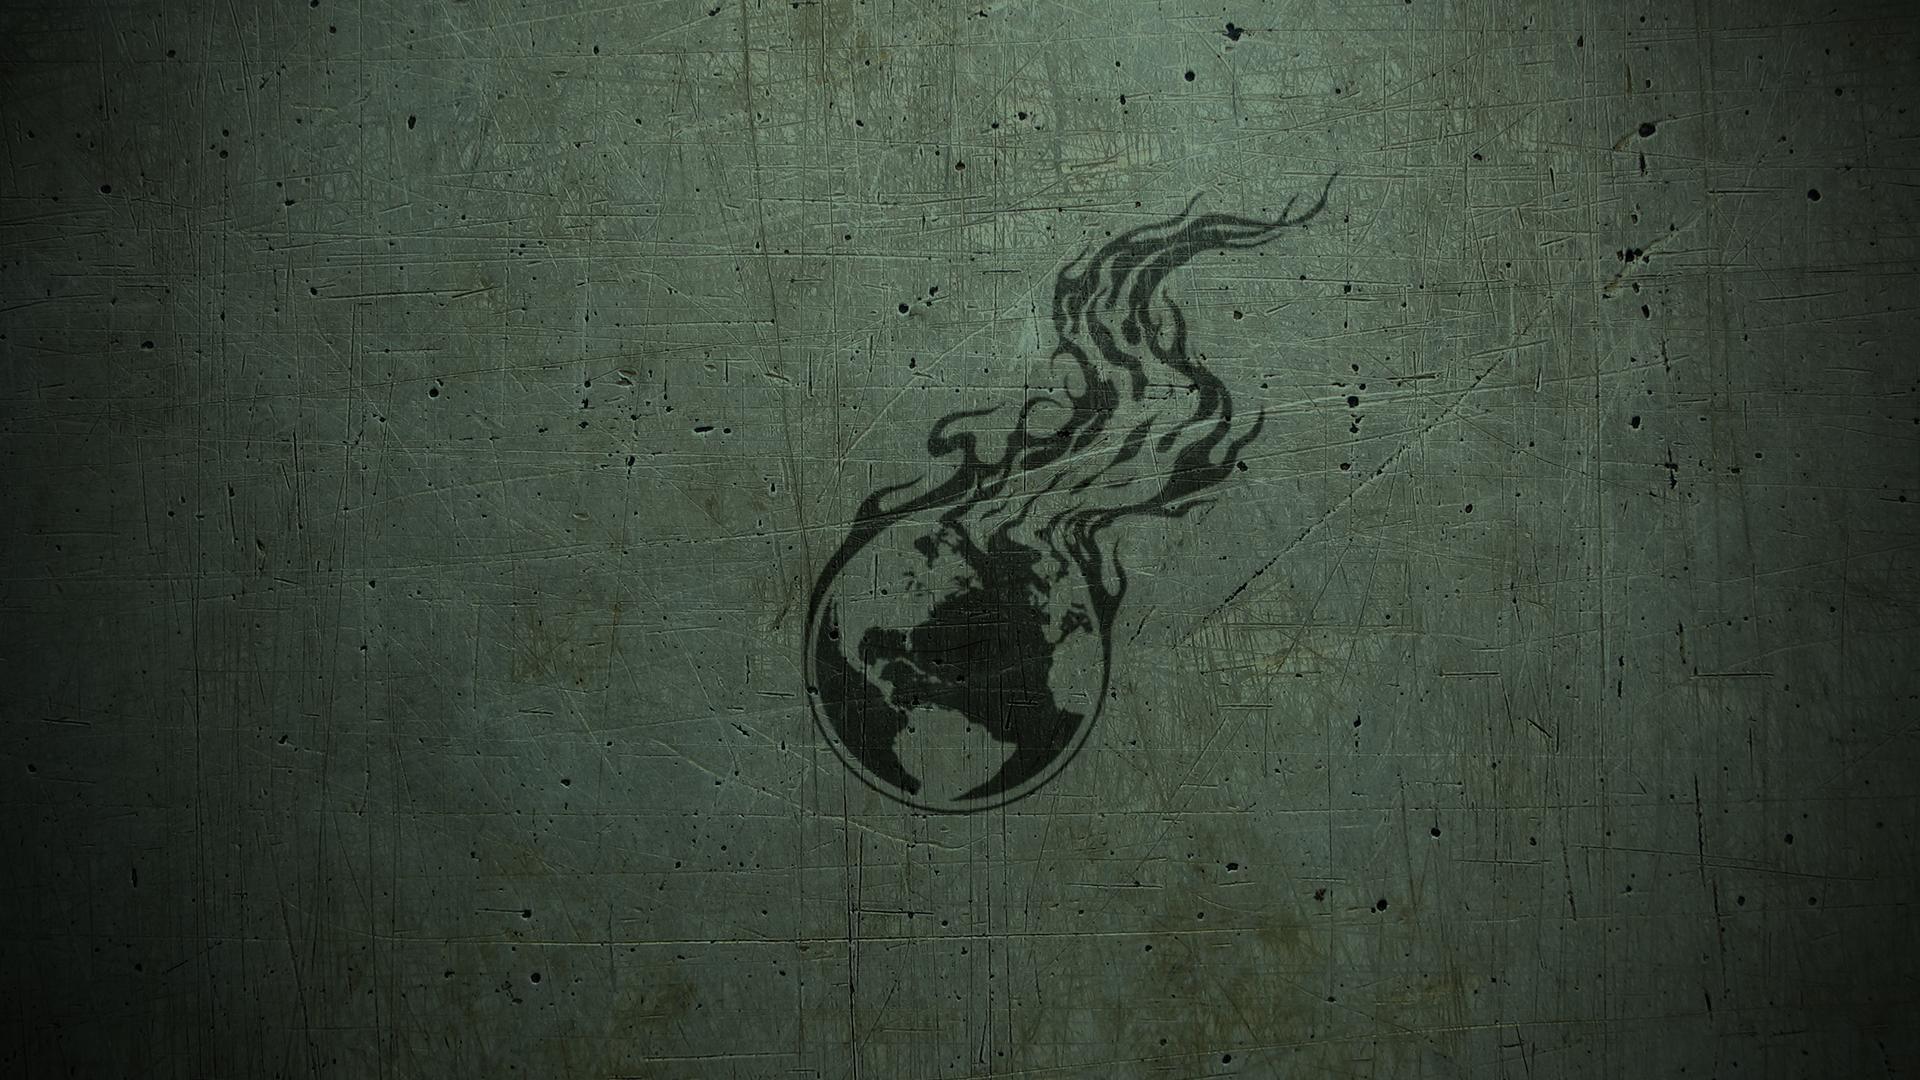 Teksyndicate Wallpaper 9 by RappyBMX